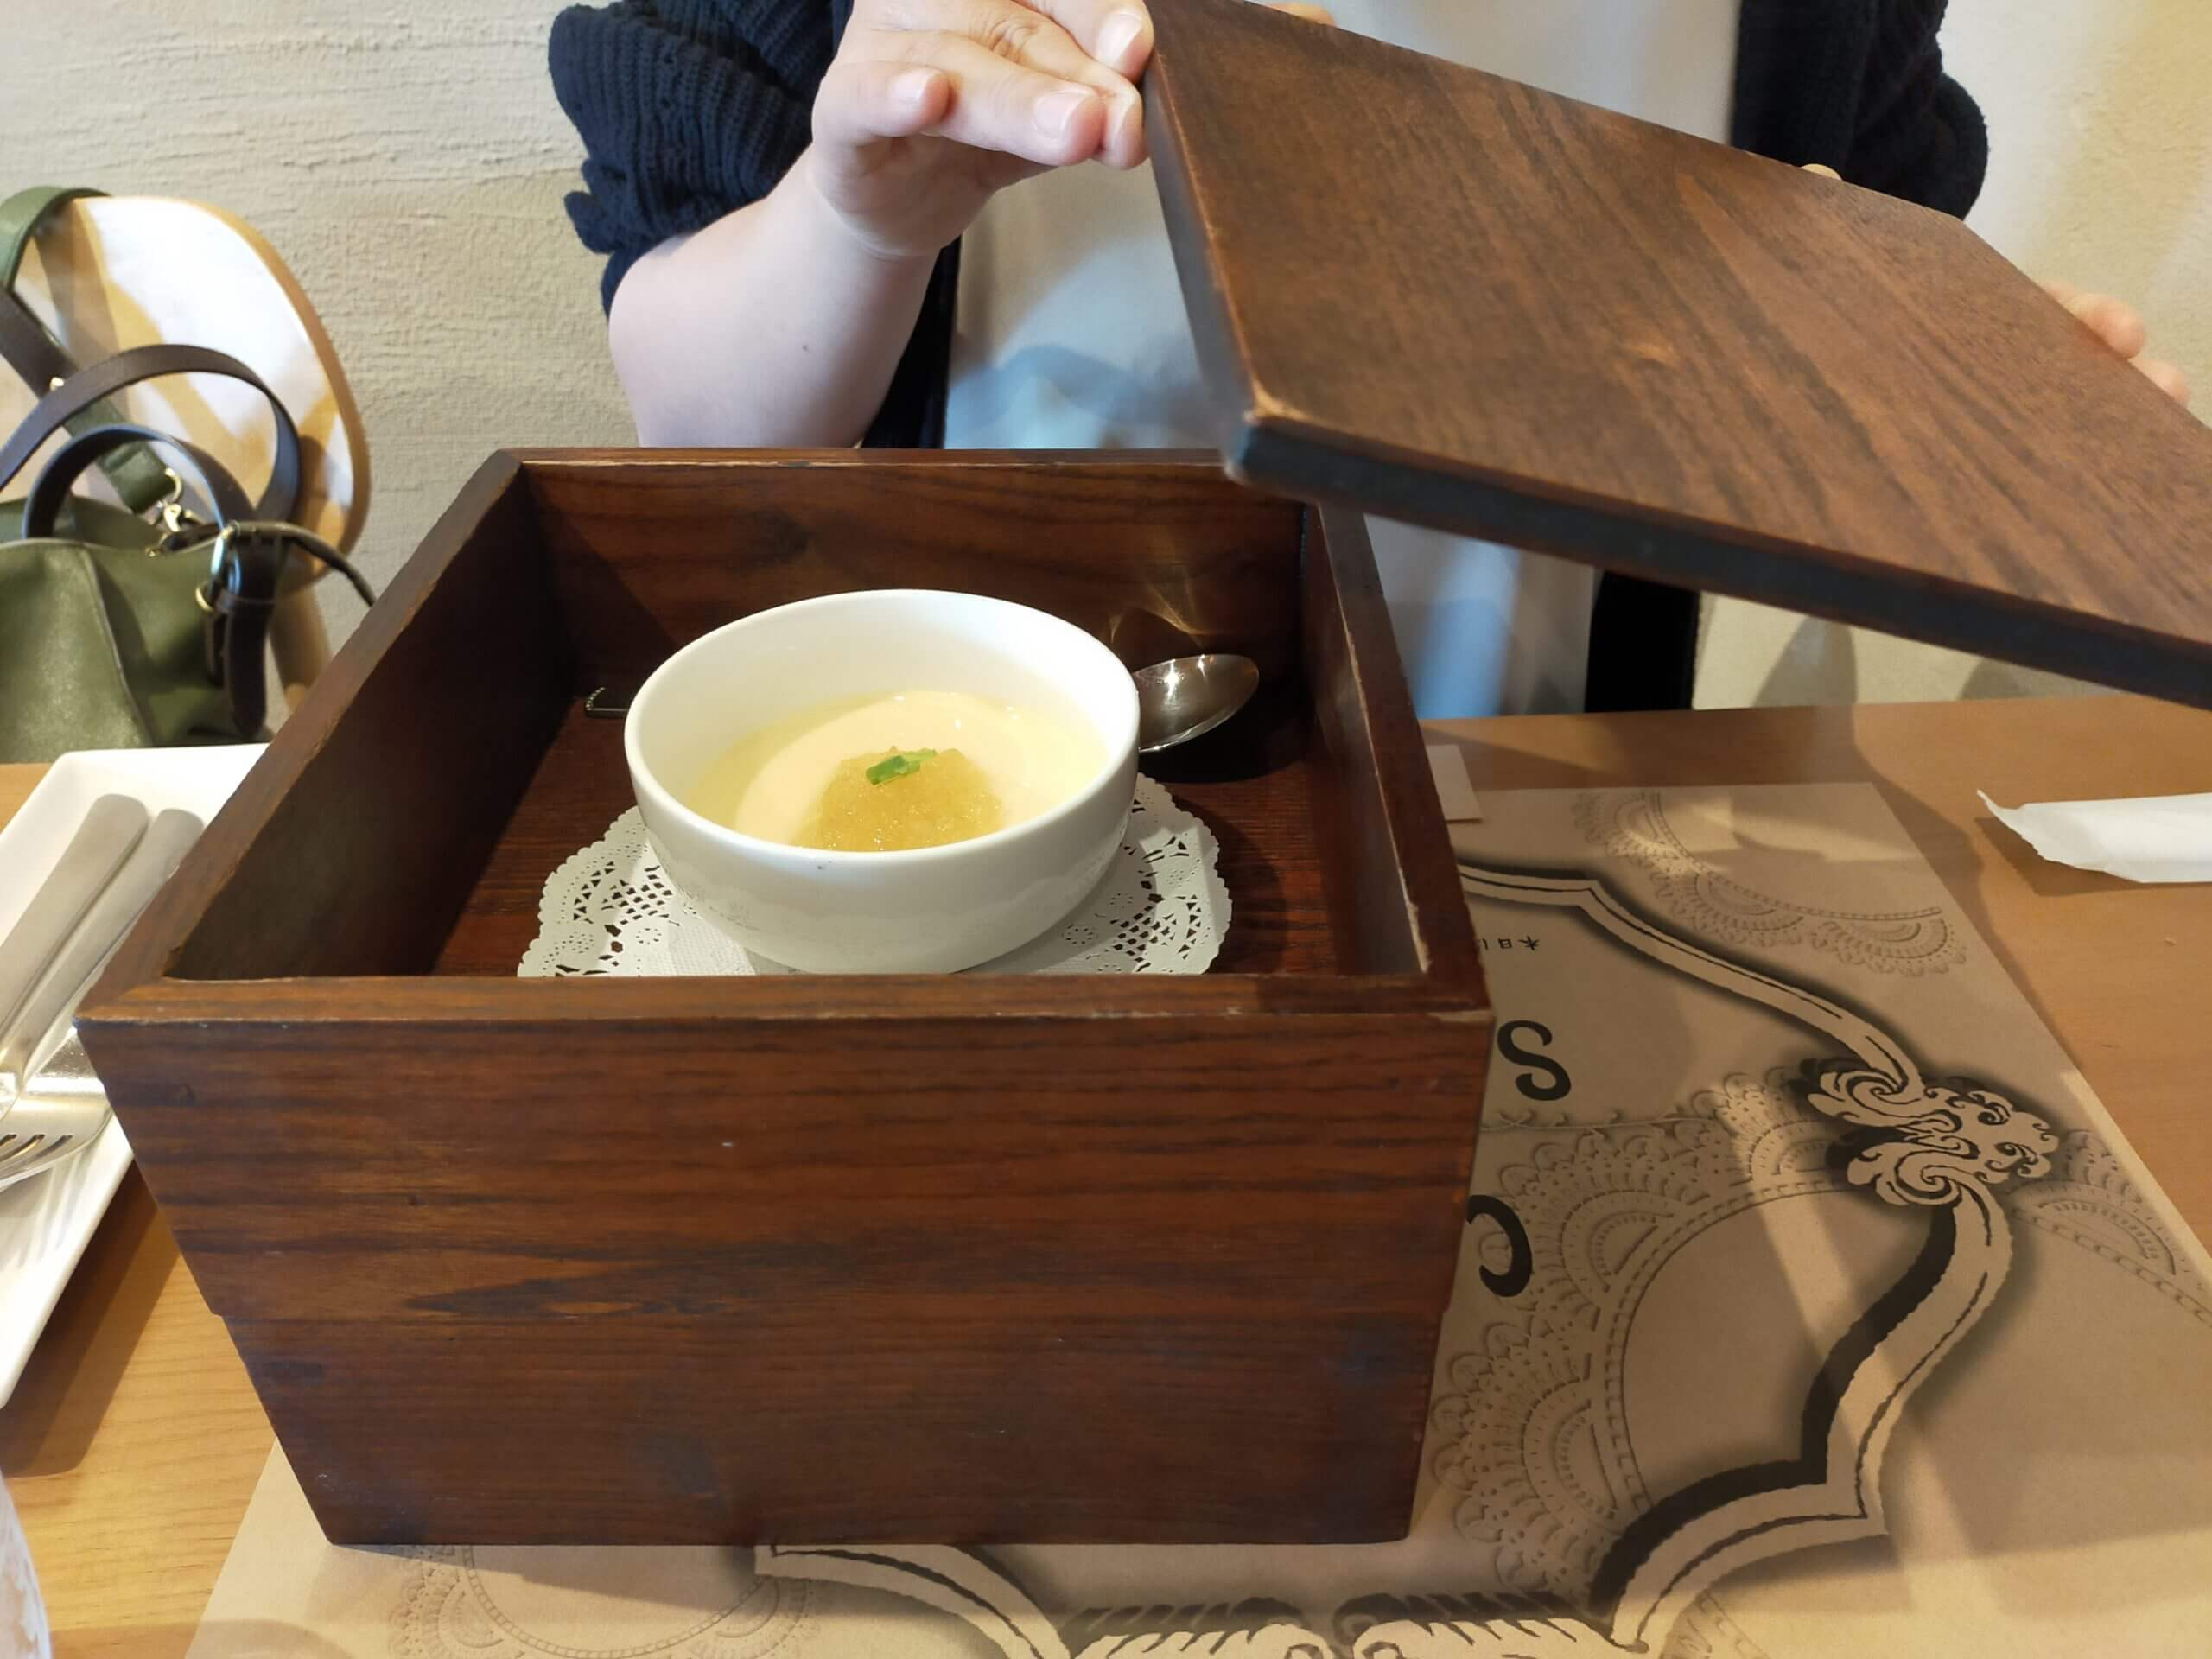 【cafe sucre カフェシュクレ】過去最高のコスパ!カフェとは名ばかり、予約の取れないフレンチレストラン《熊本市北区植木町鈴麦》